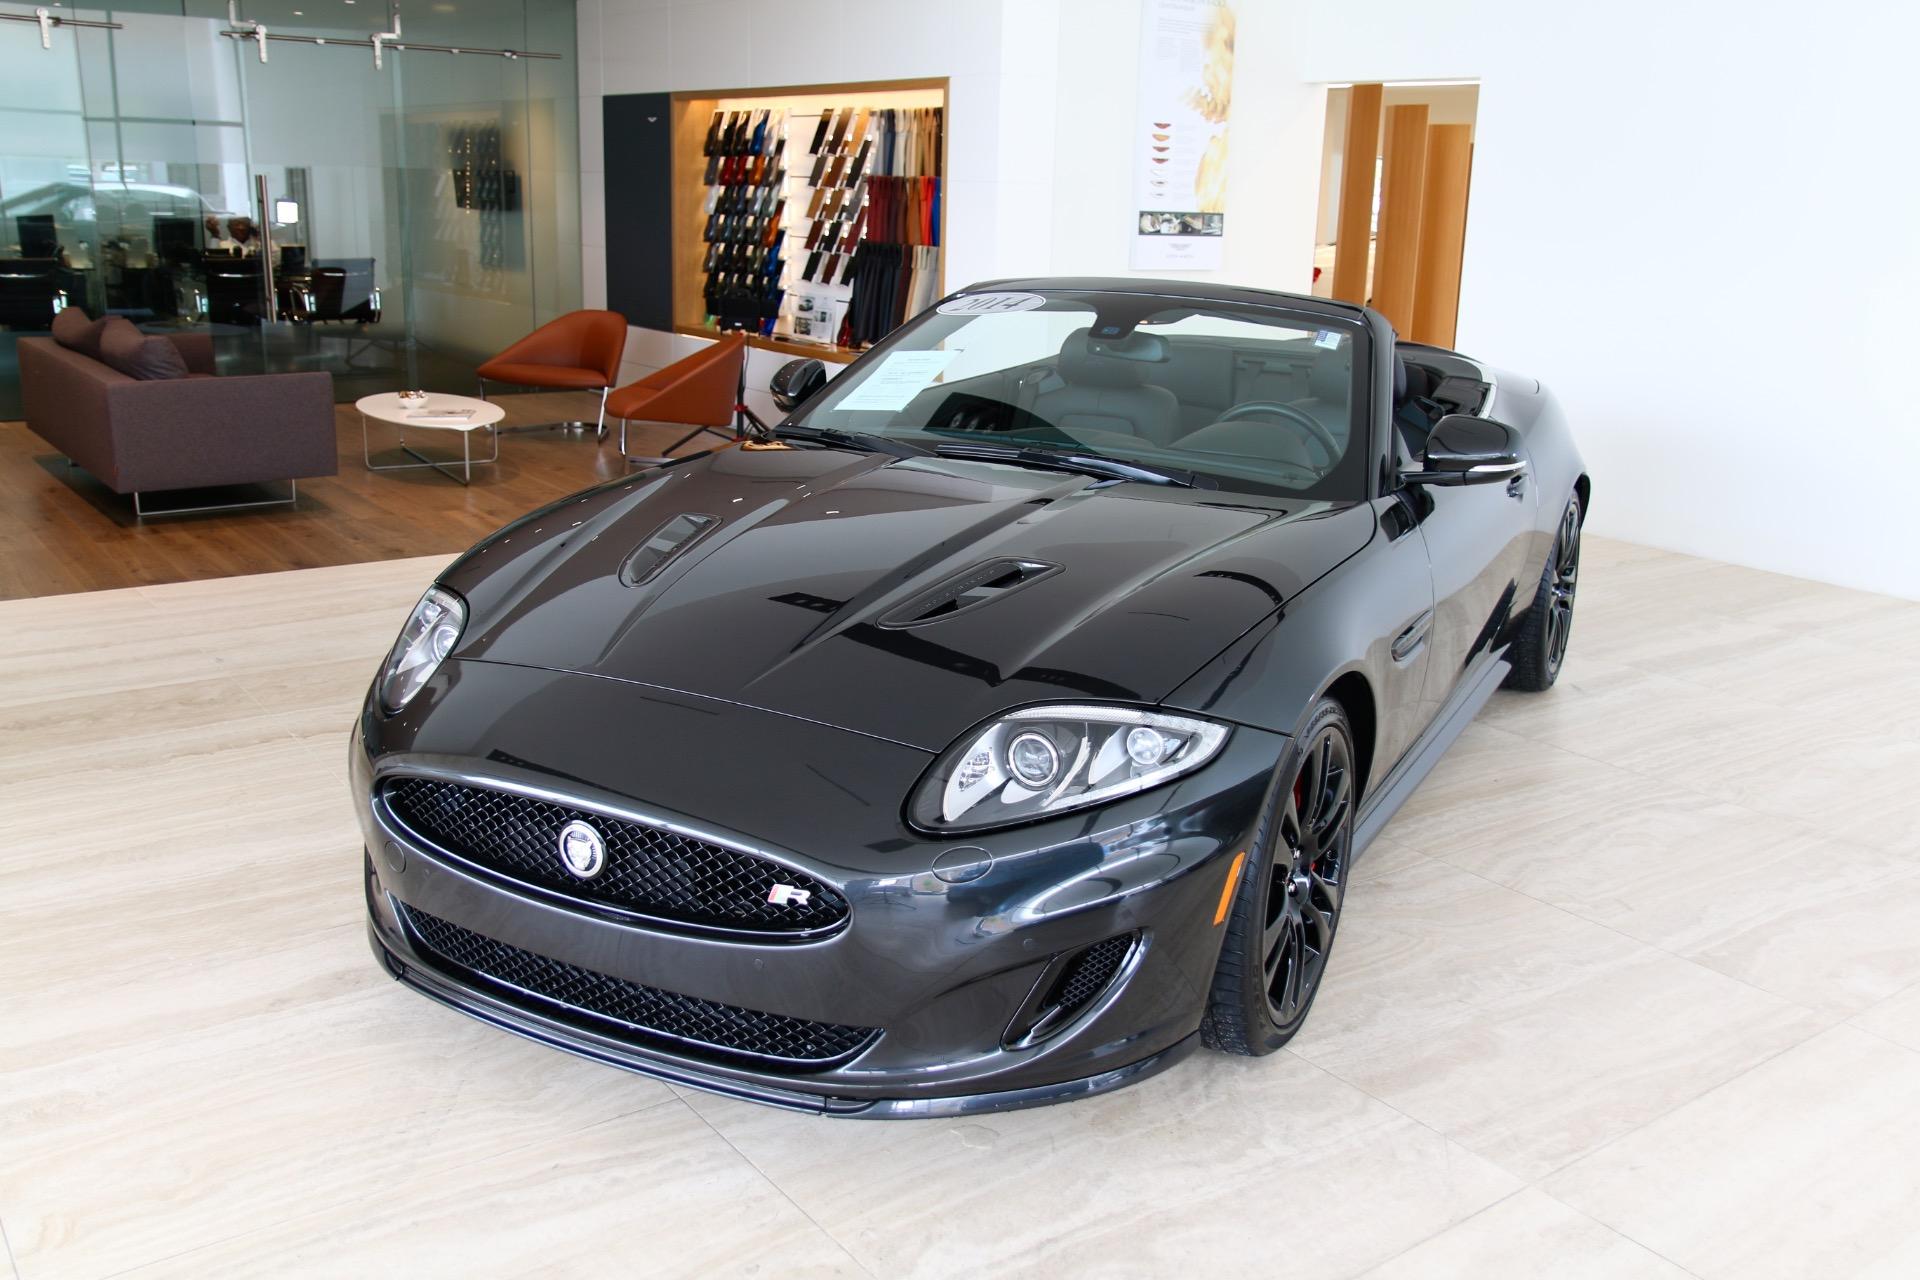 2014 jaguar xk xkr stock 7nl01701a for sale near vienna va va jaguar dealer for sale in. Black Bedroom Furniture Sets. Home Design Ideas